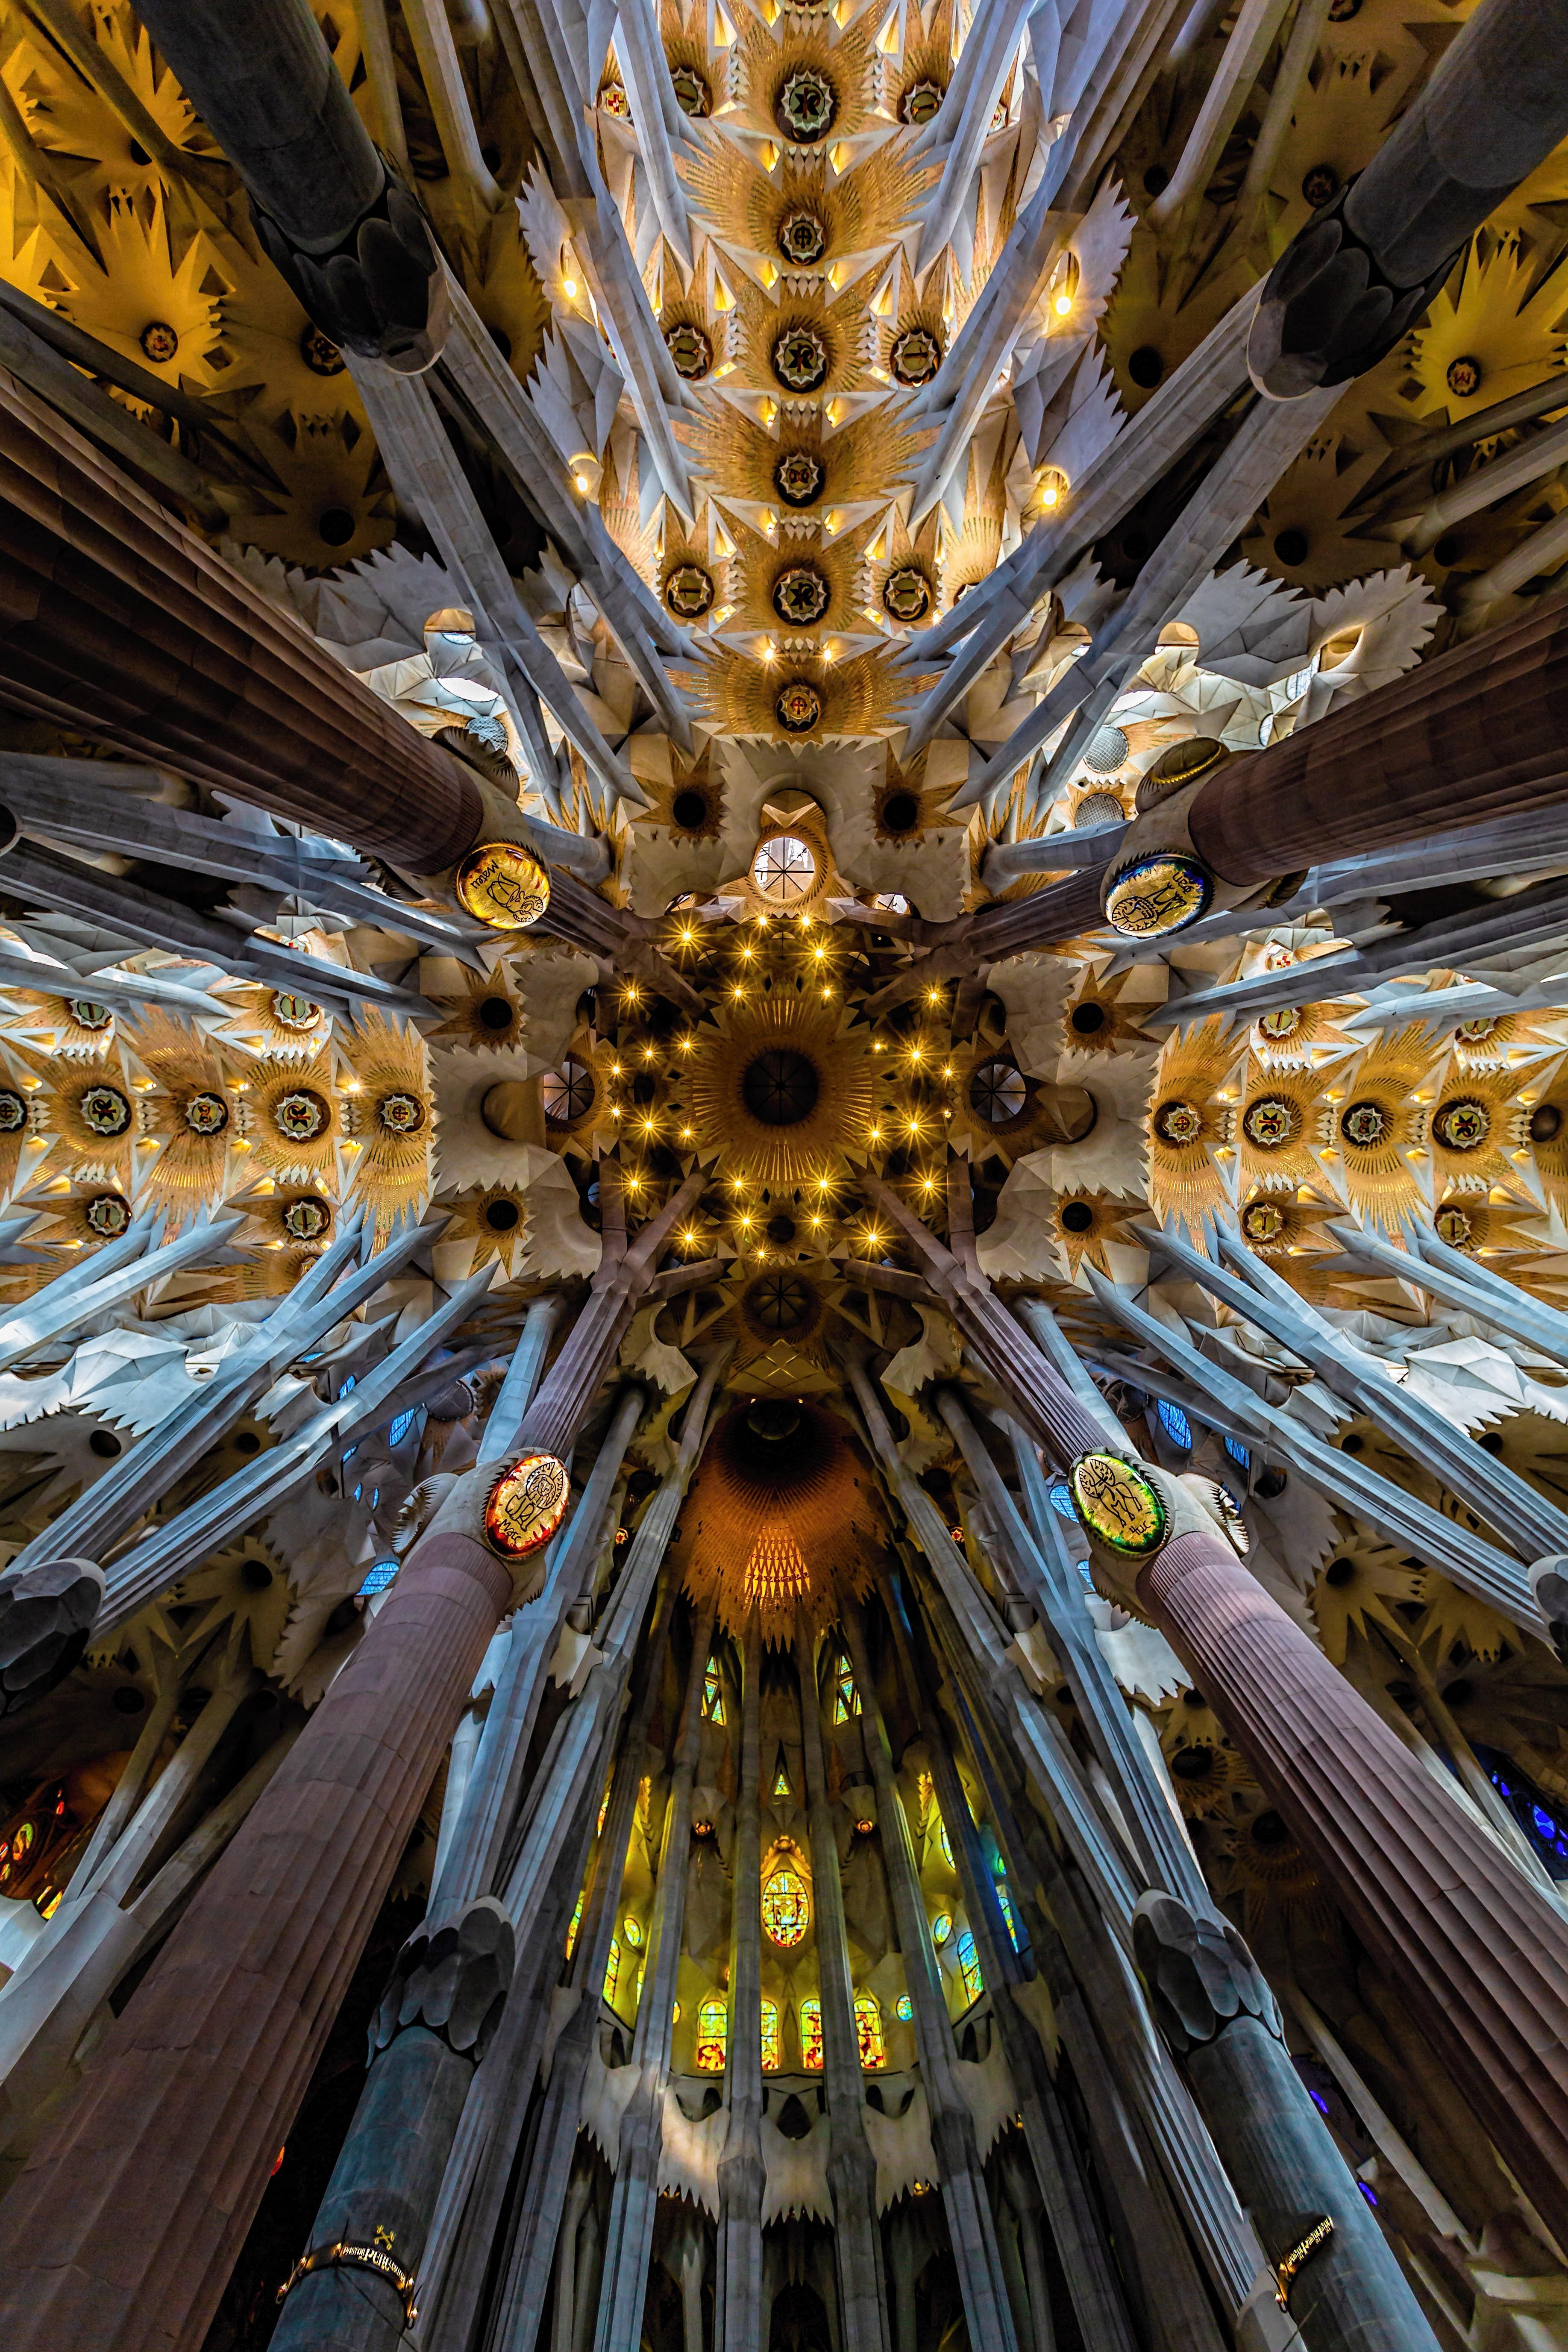 139411 baixar papel de parede Barcelona, Arquitetura, Interior, Miscelânea, Variado, Moderno, Coluna, Teto, Colunas, Sagrada Familia, Sagrada Família - protetores de tela e imagens gratuitamente